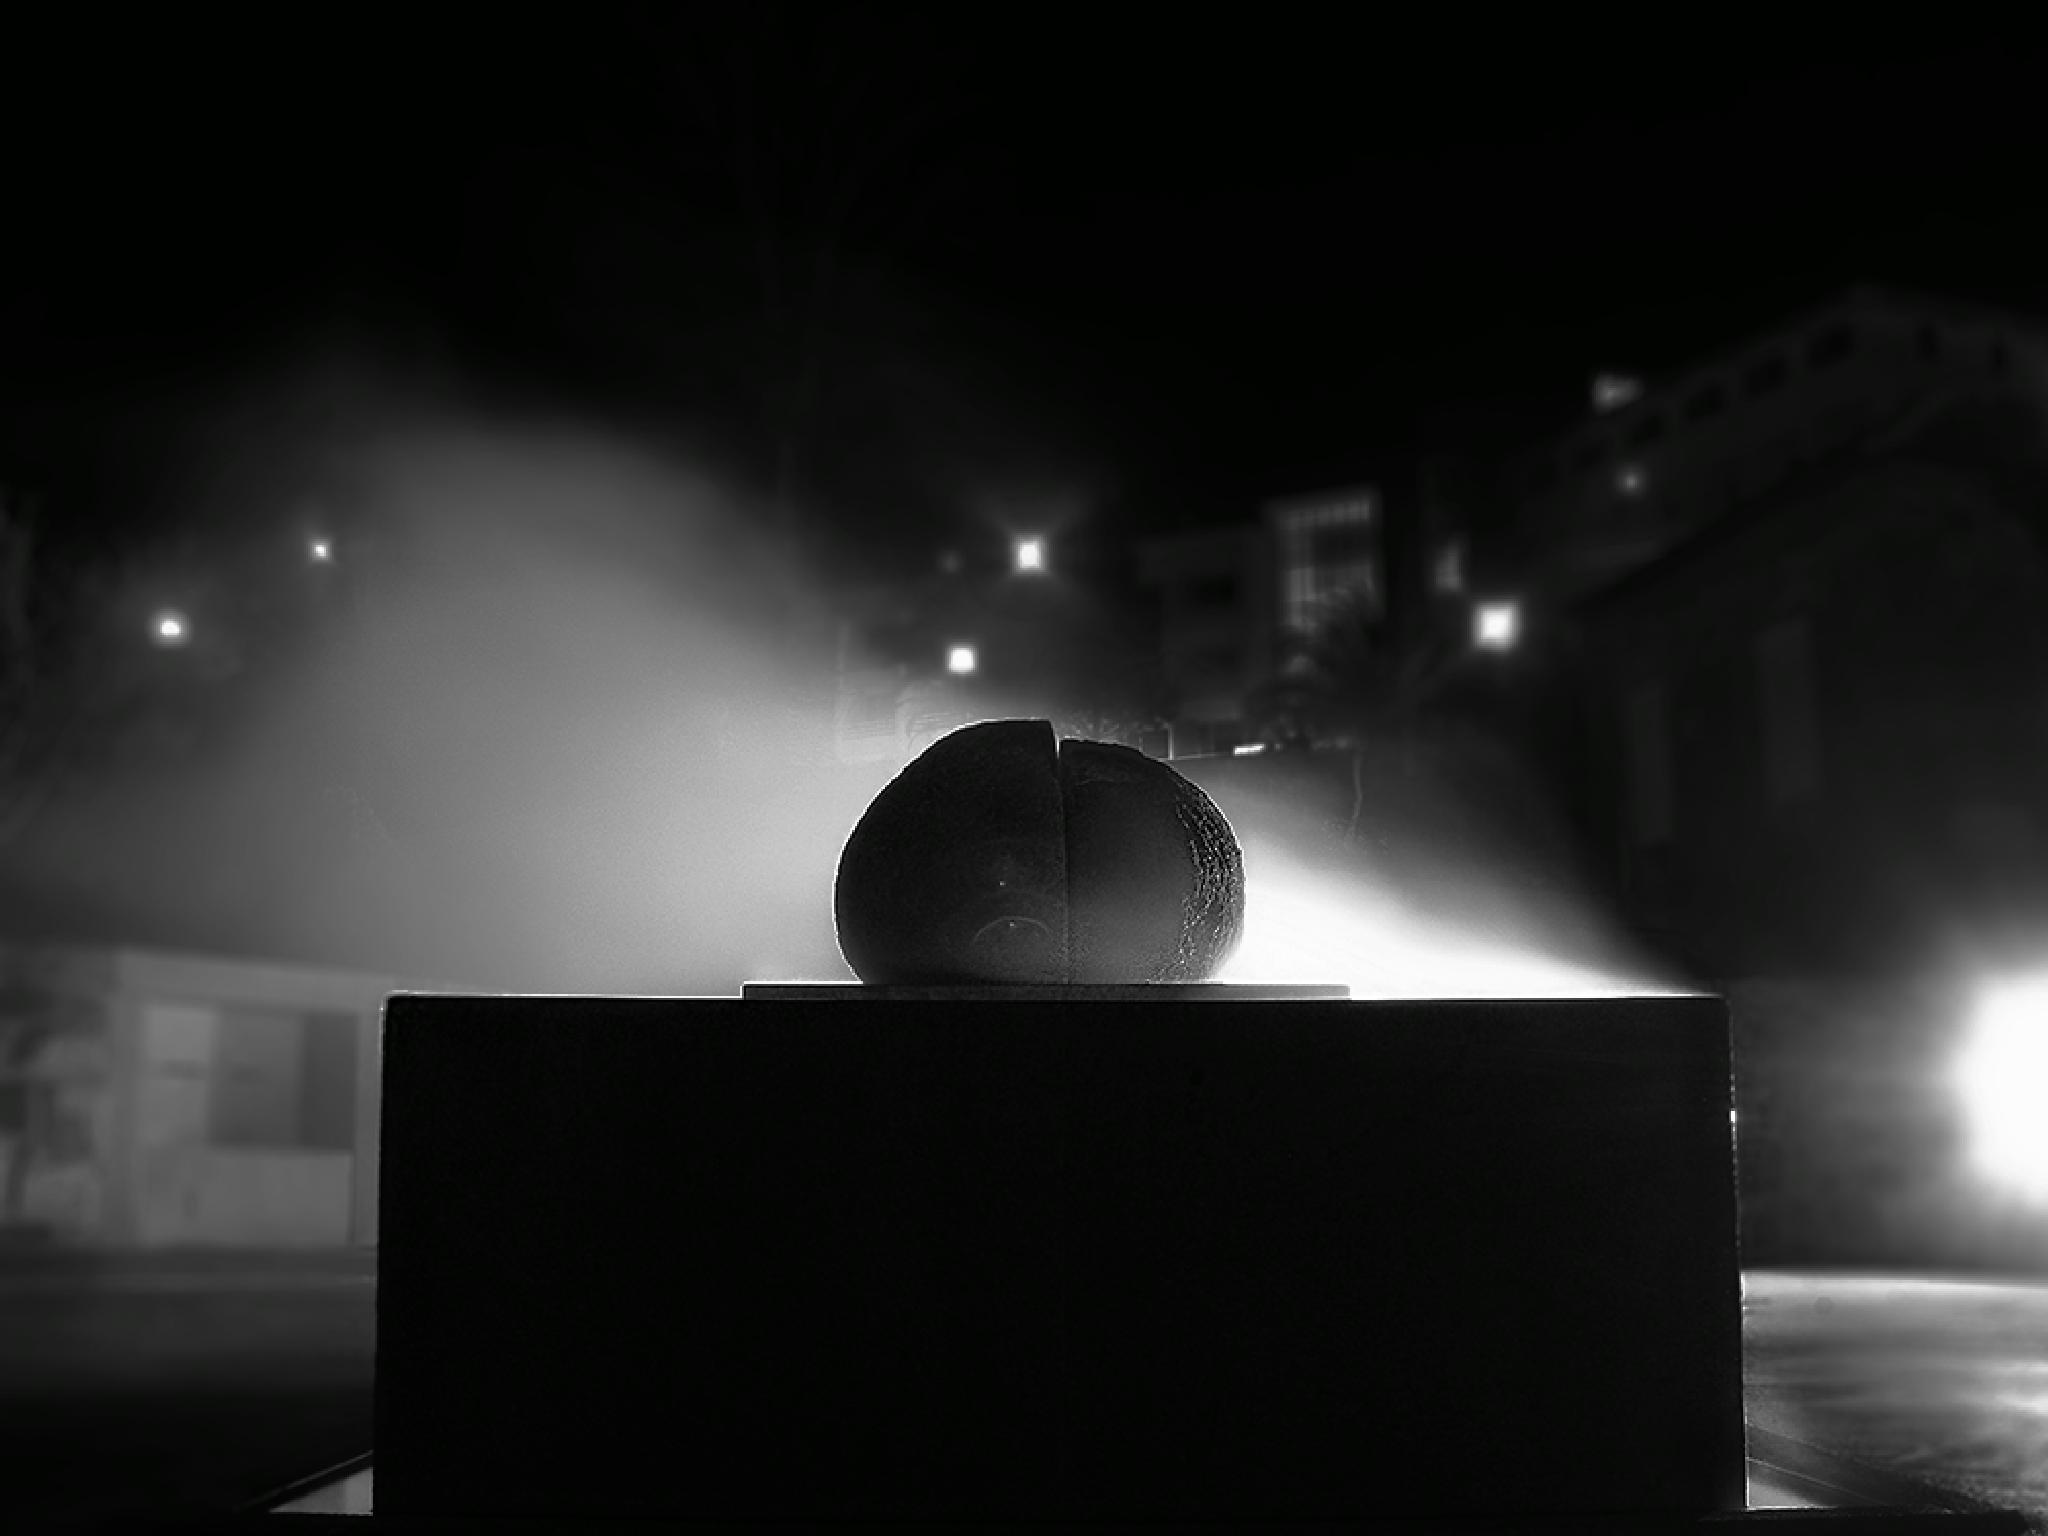 Night zen stone by Melo Camilo